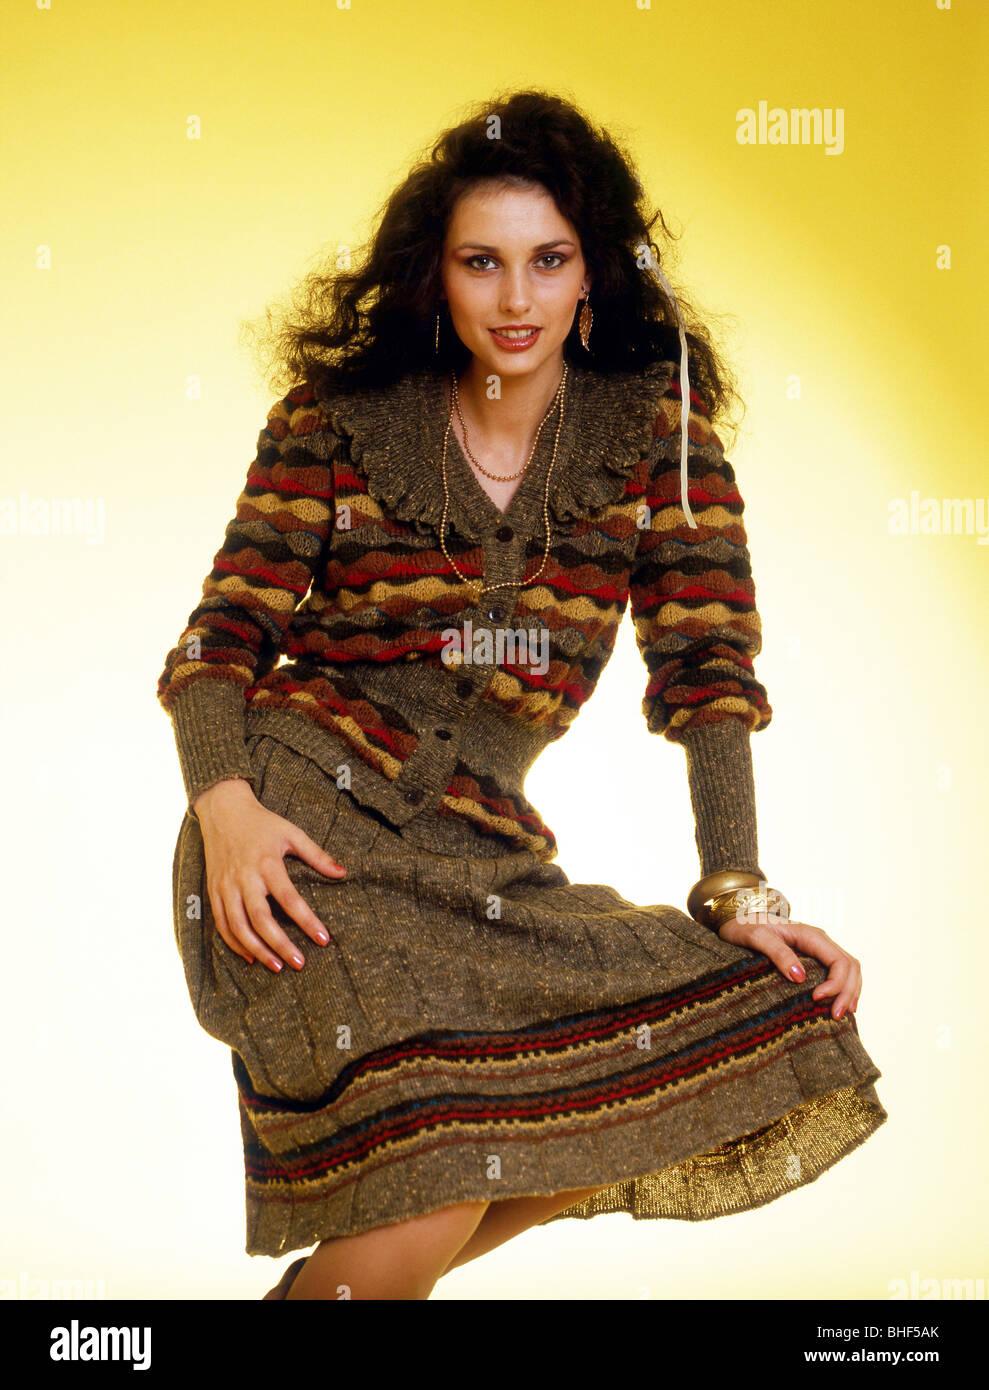 Modell Anne Marie Woodhall Modellierung Strickwaren 1980 Stockbild